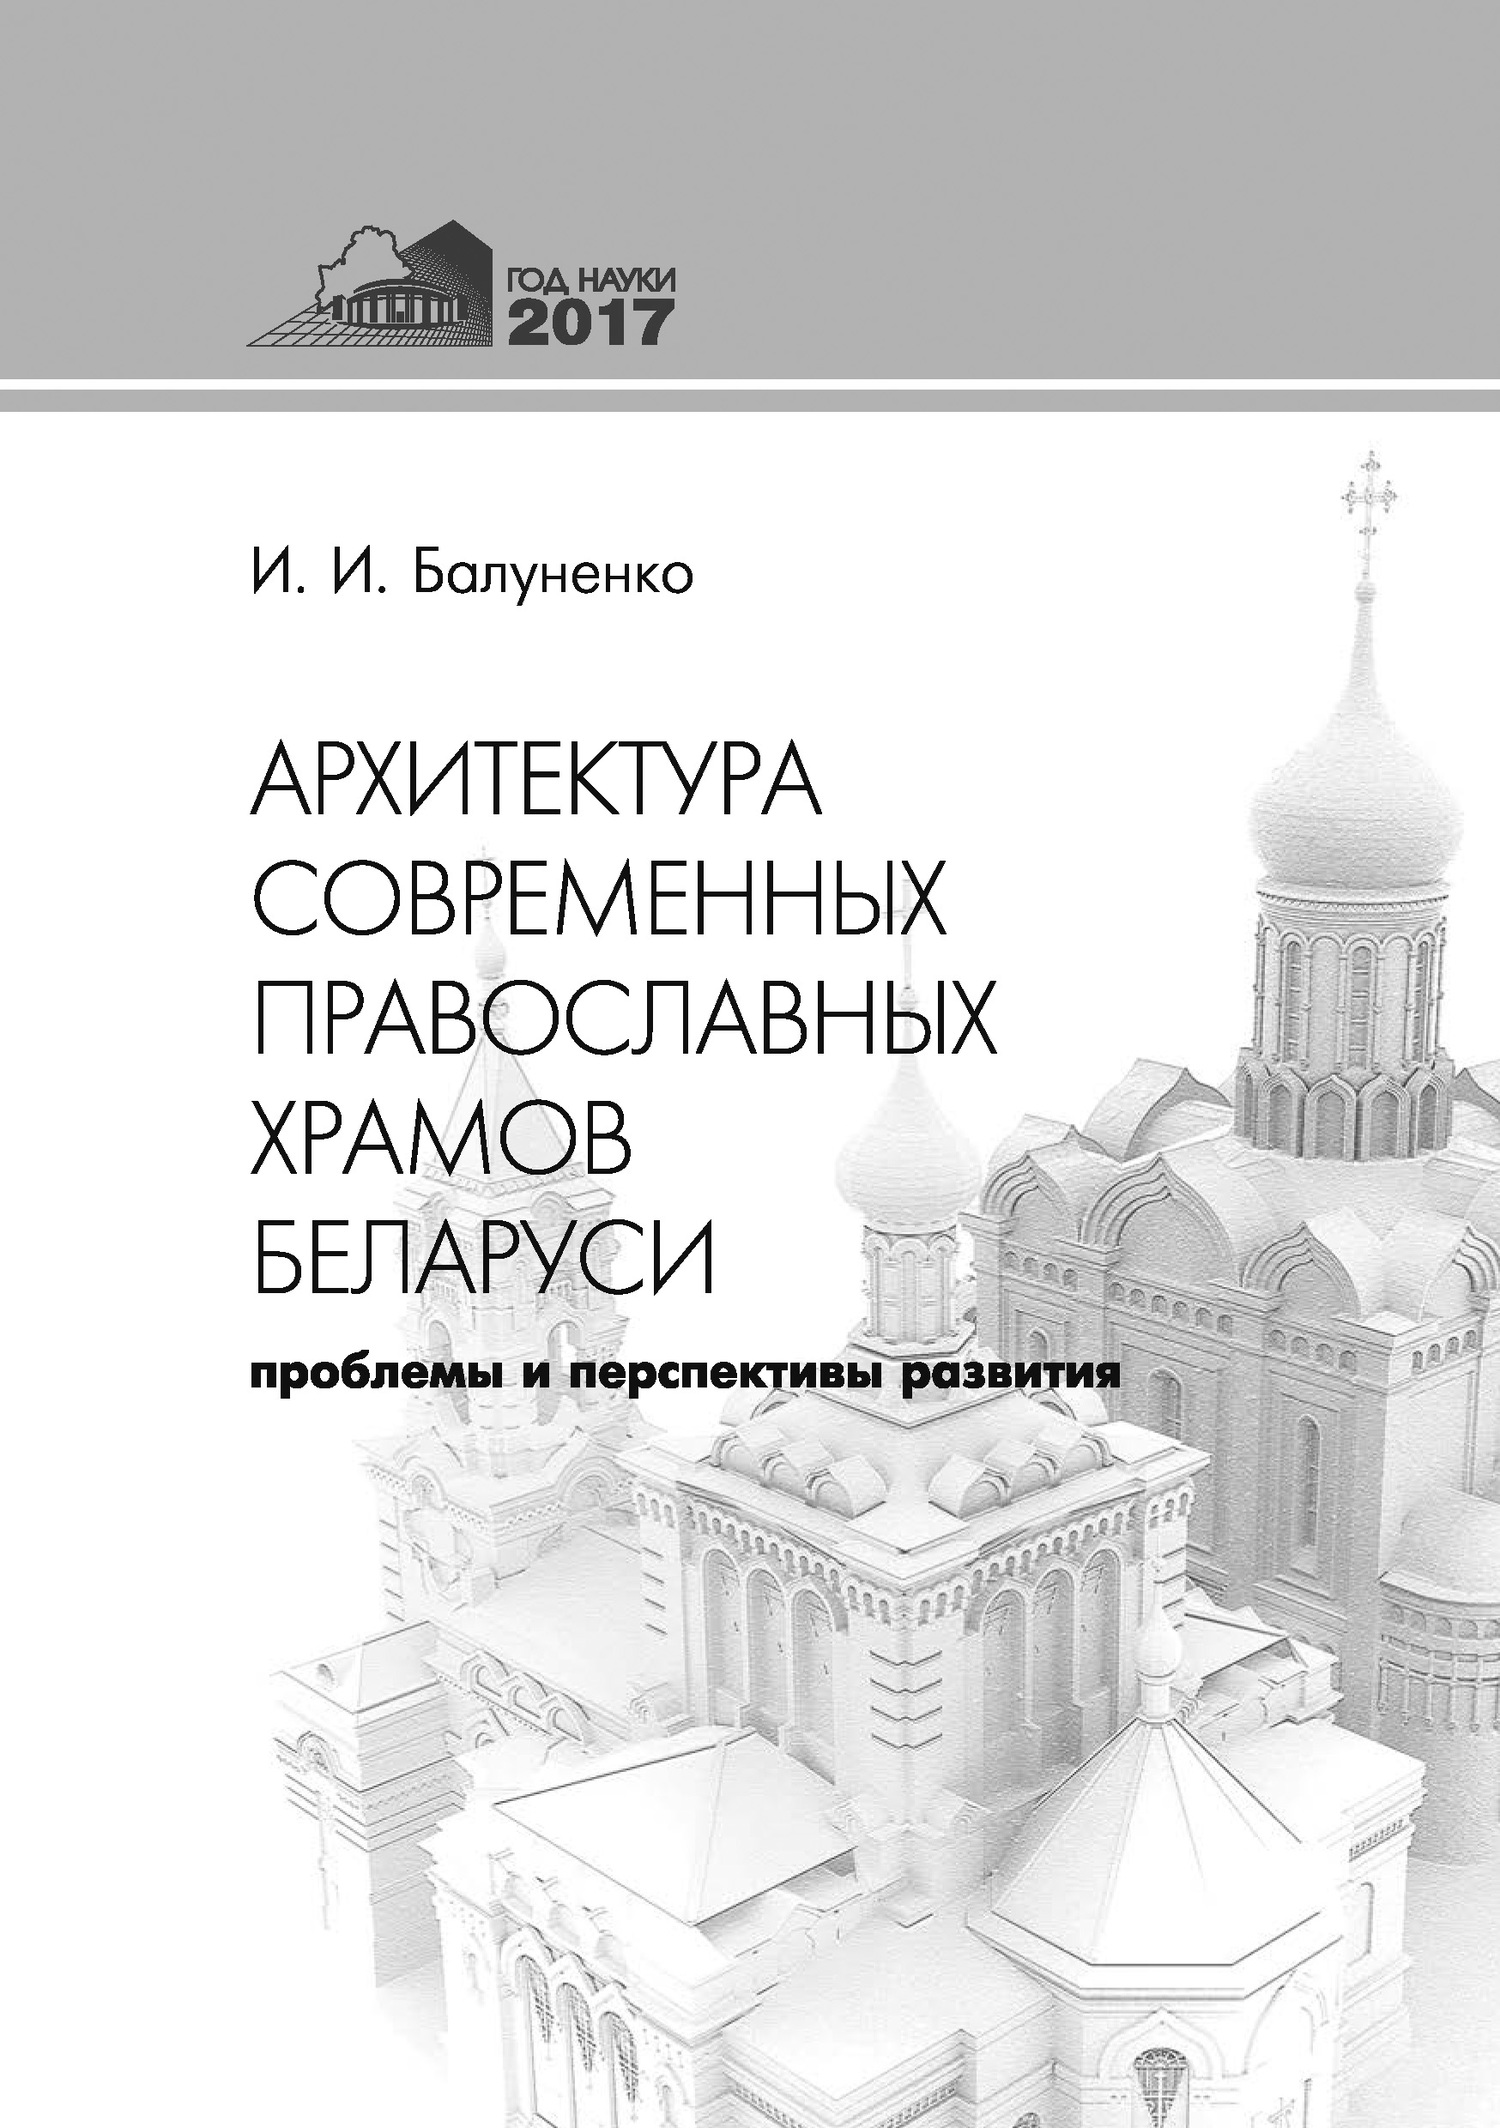 Ирина Балуненко Архитектура современных православных храмов Беларуси: проблемы и перспективы развития